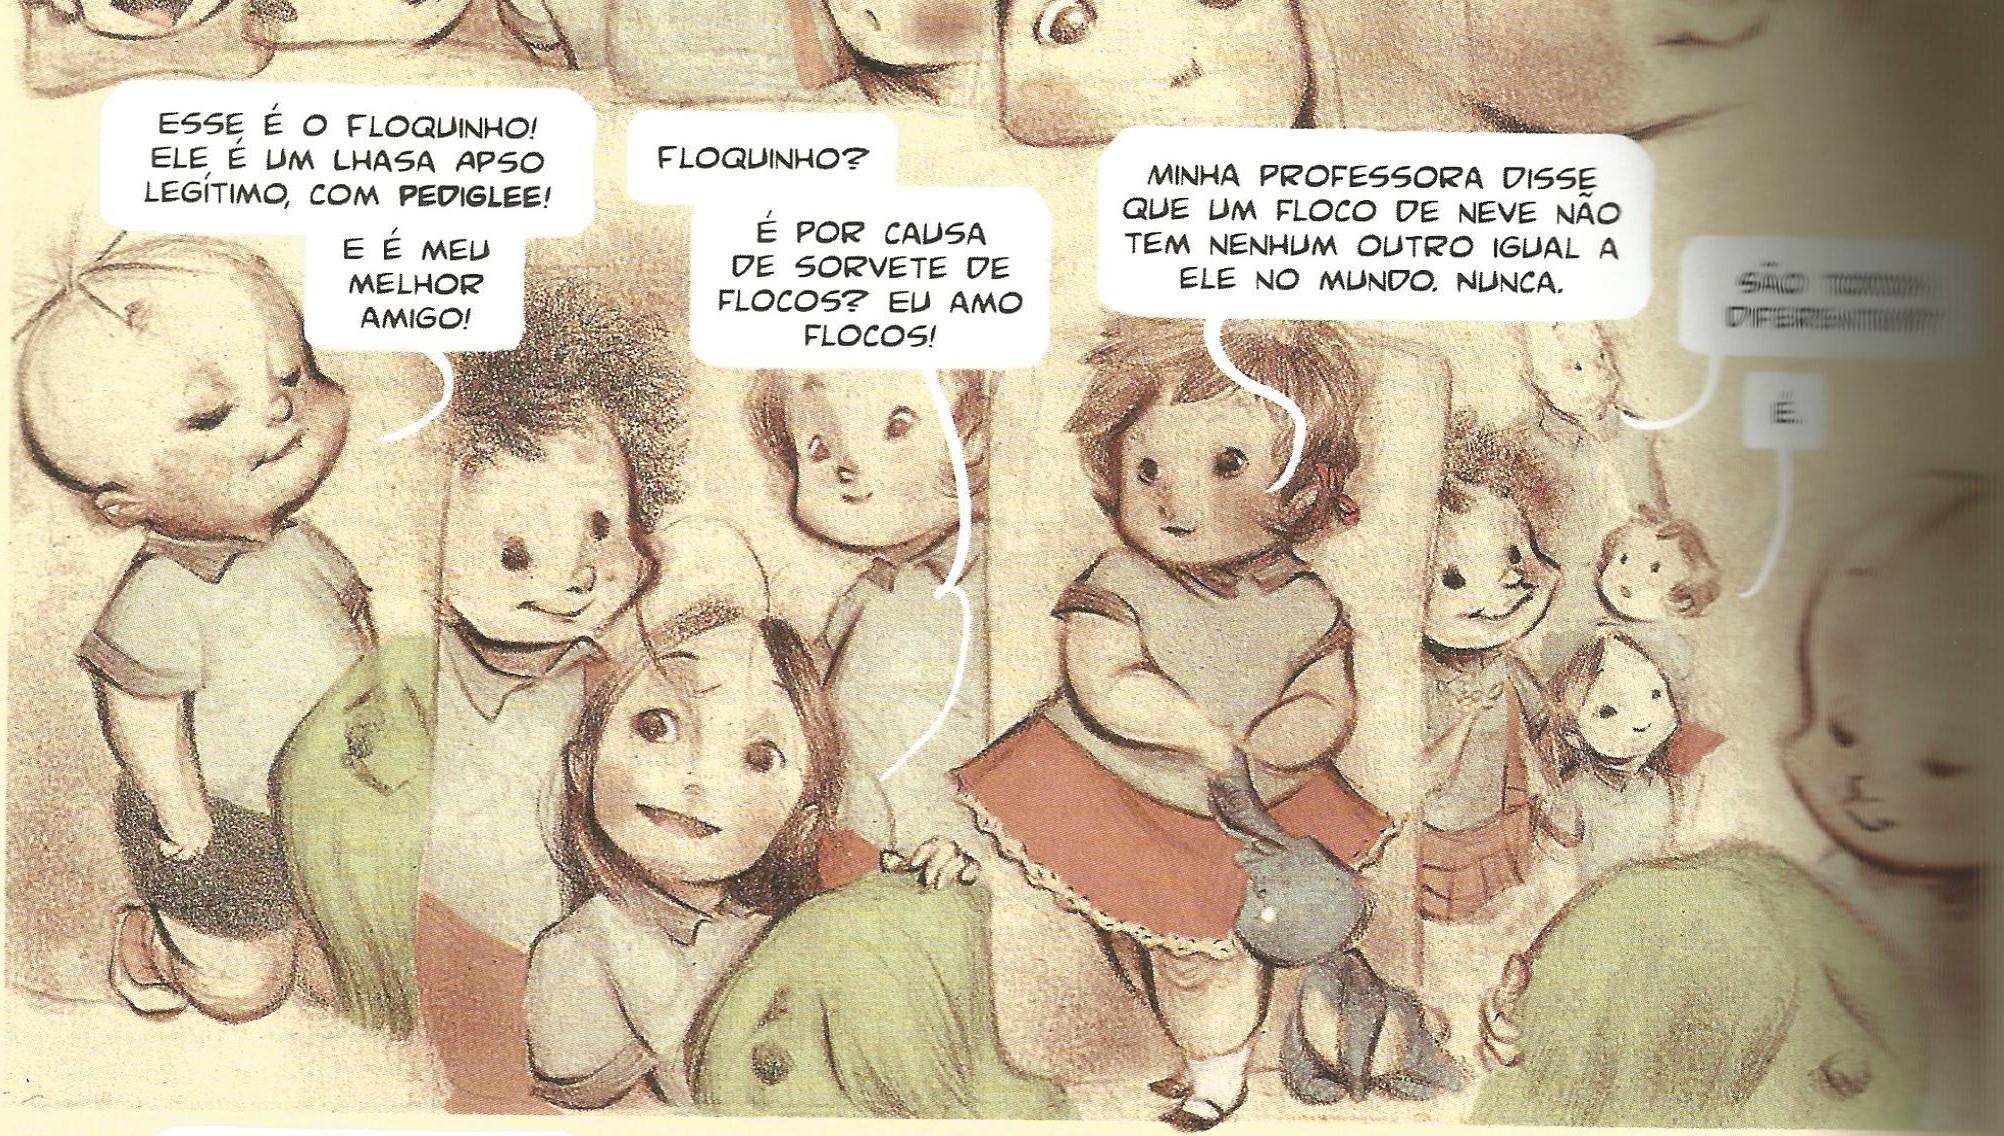 turma-da-monica-laços-resenha-02